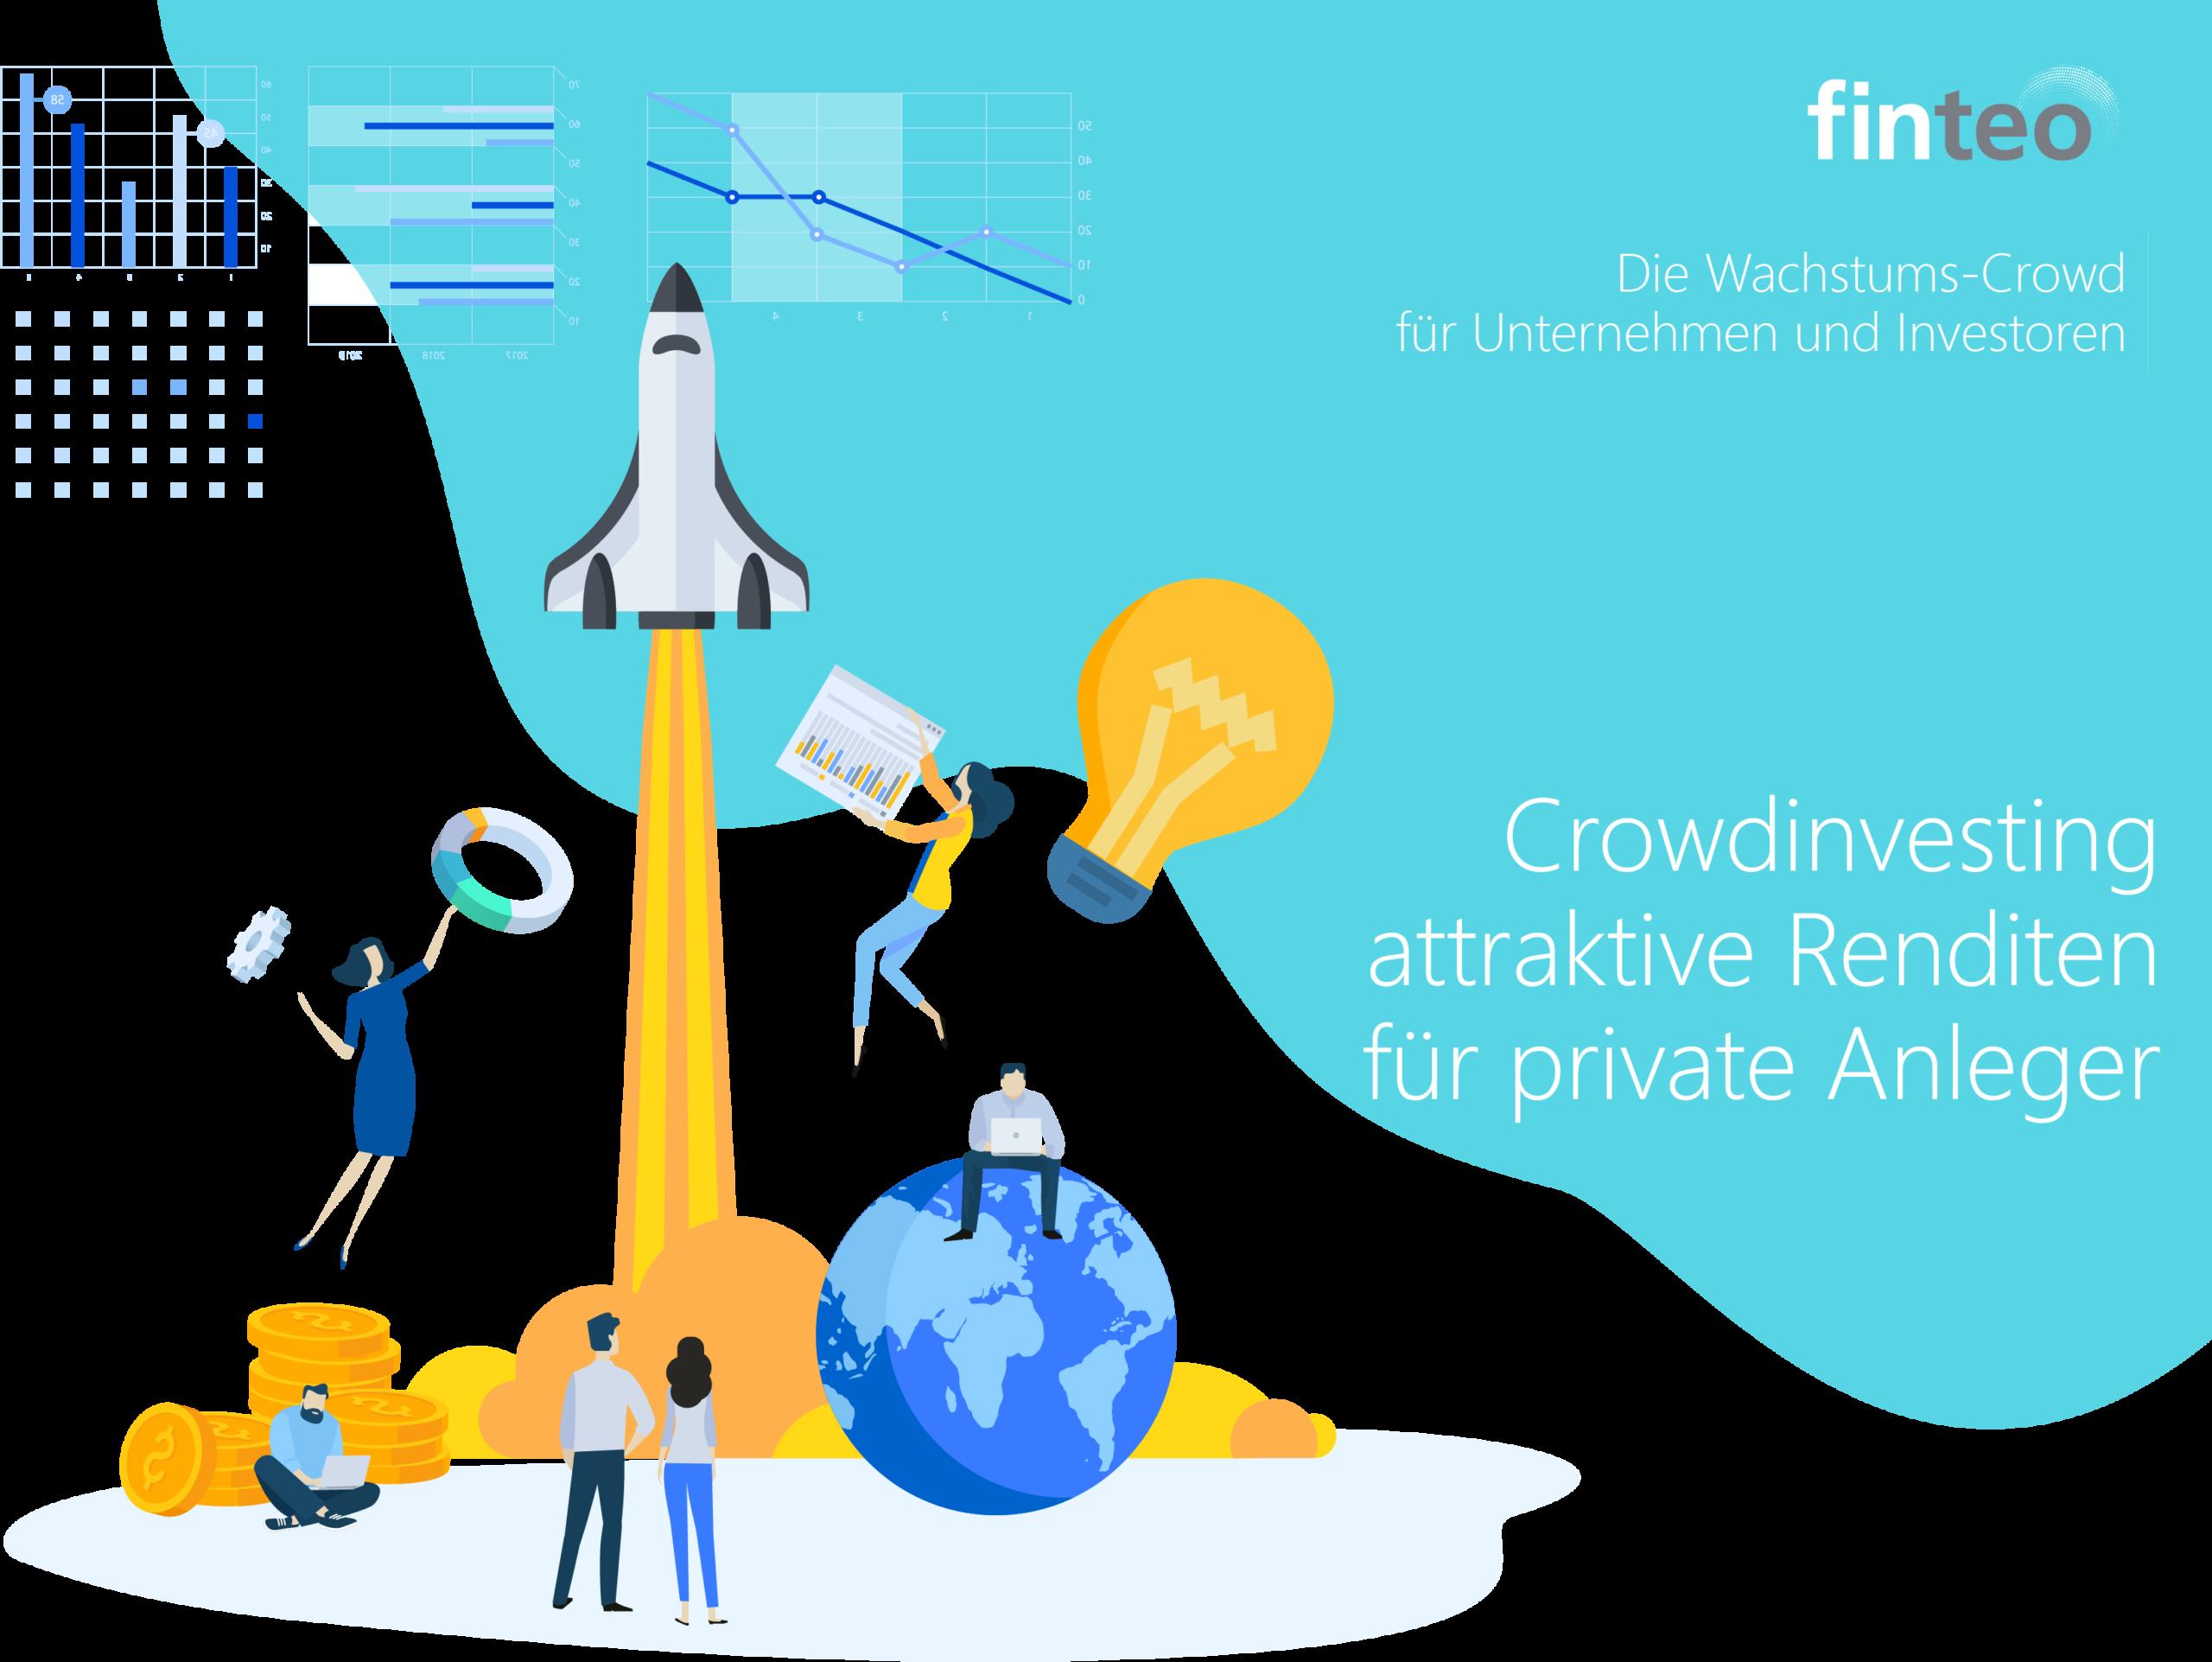 Crowdinvesting attrativ renditen für private Anleger